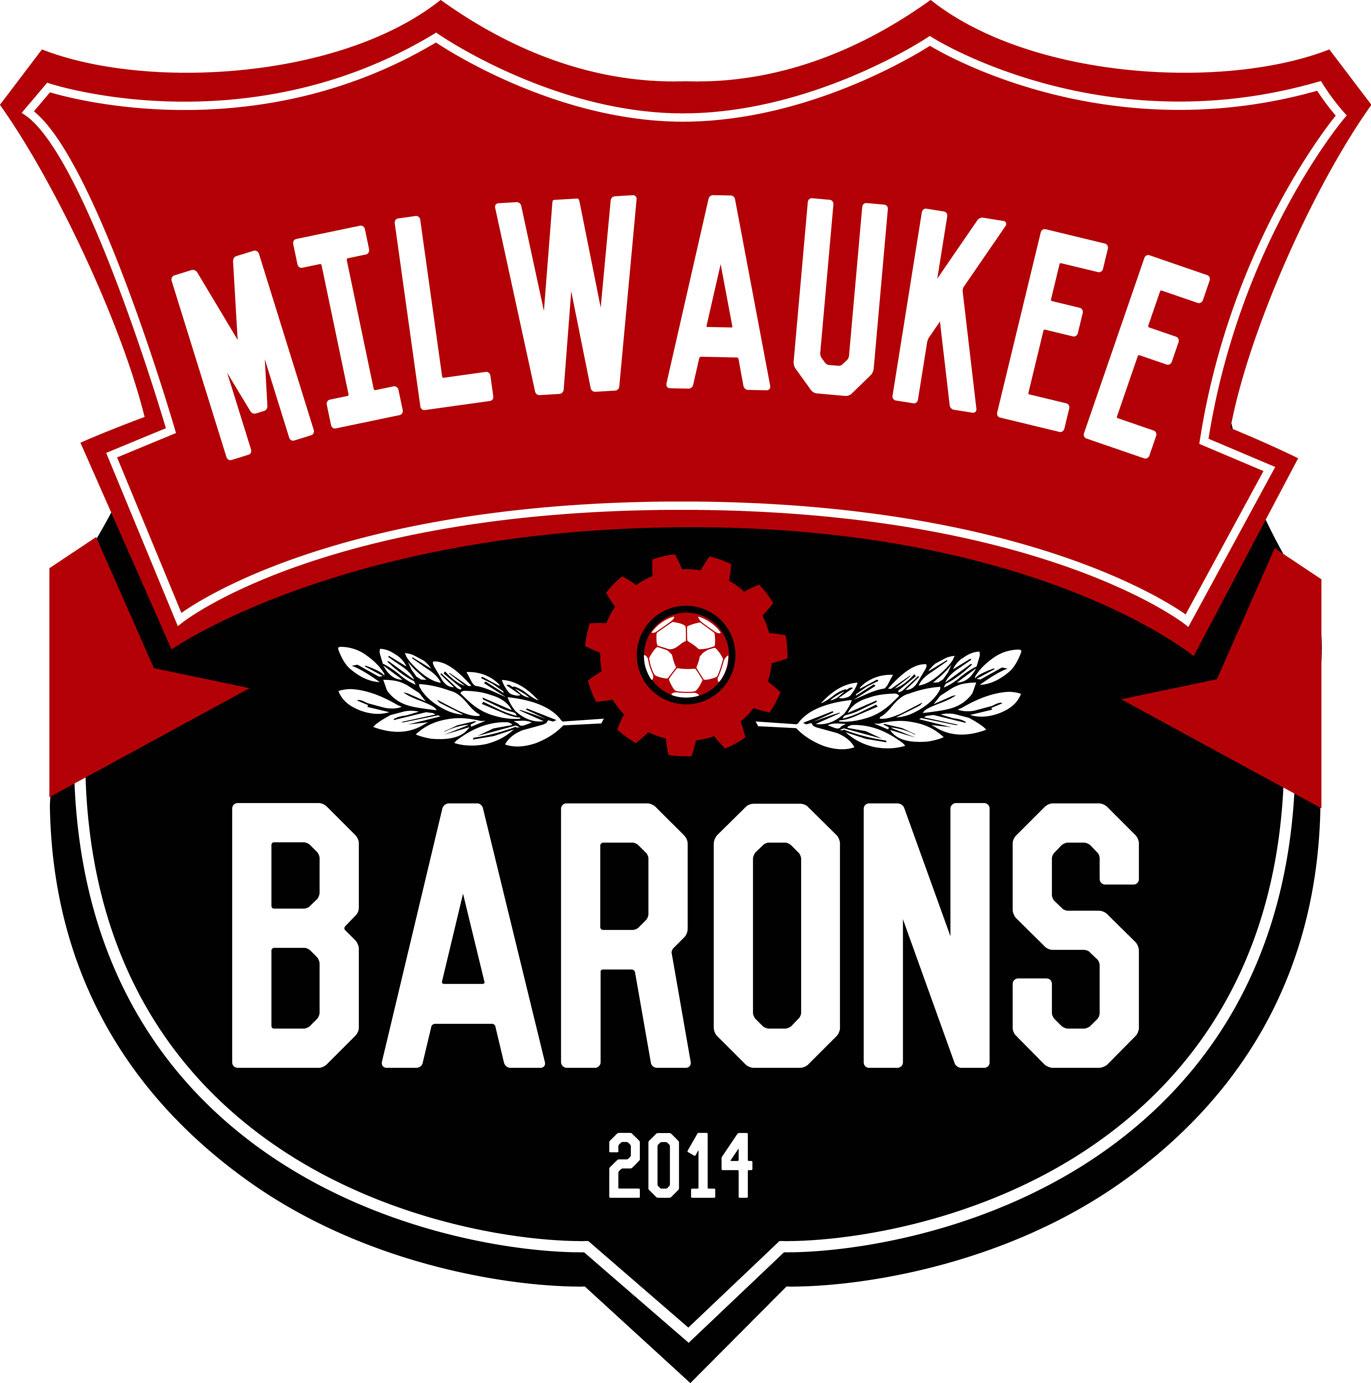 Milwaukee Barons